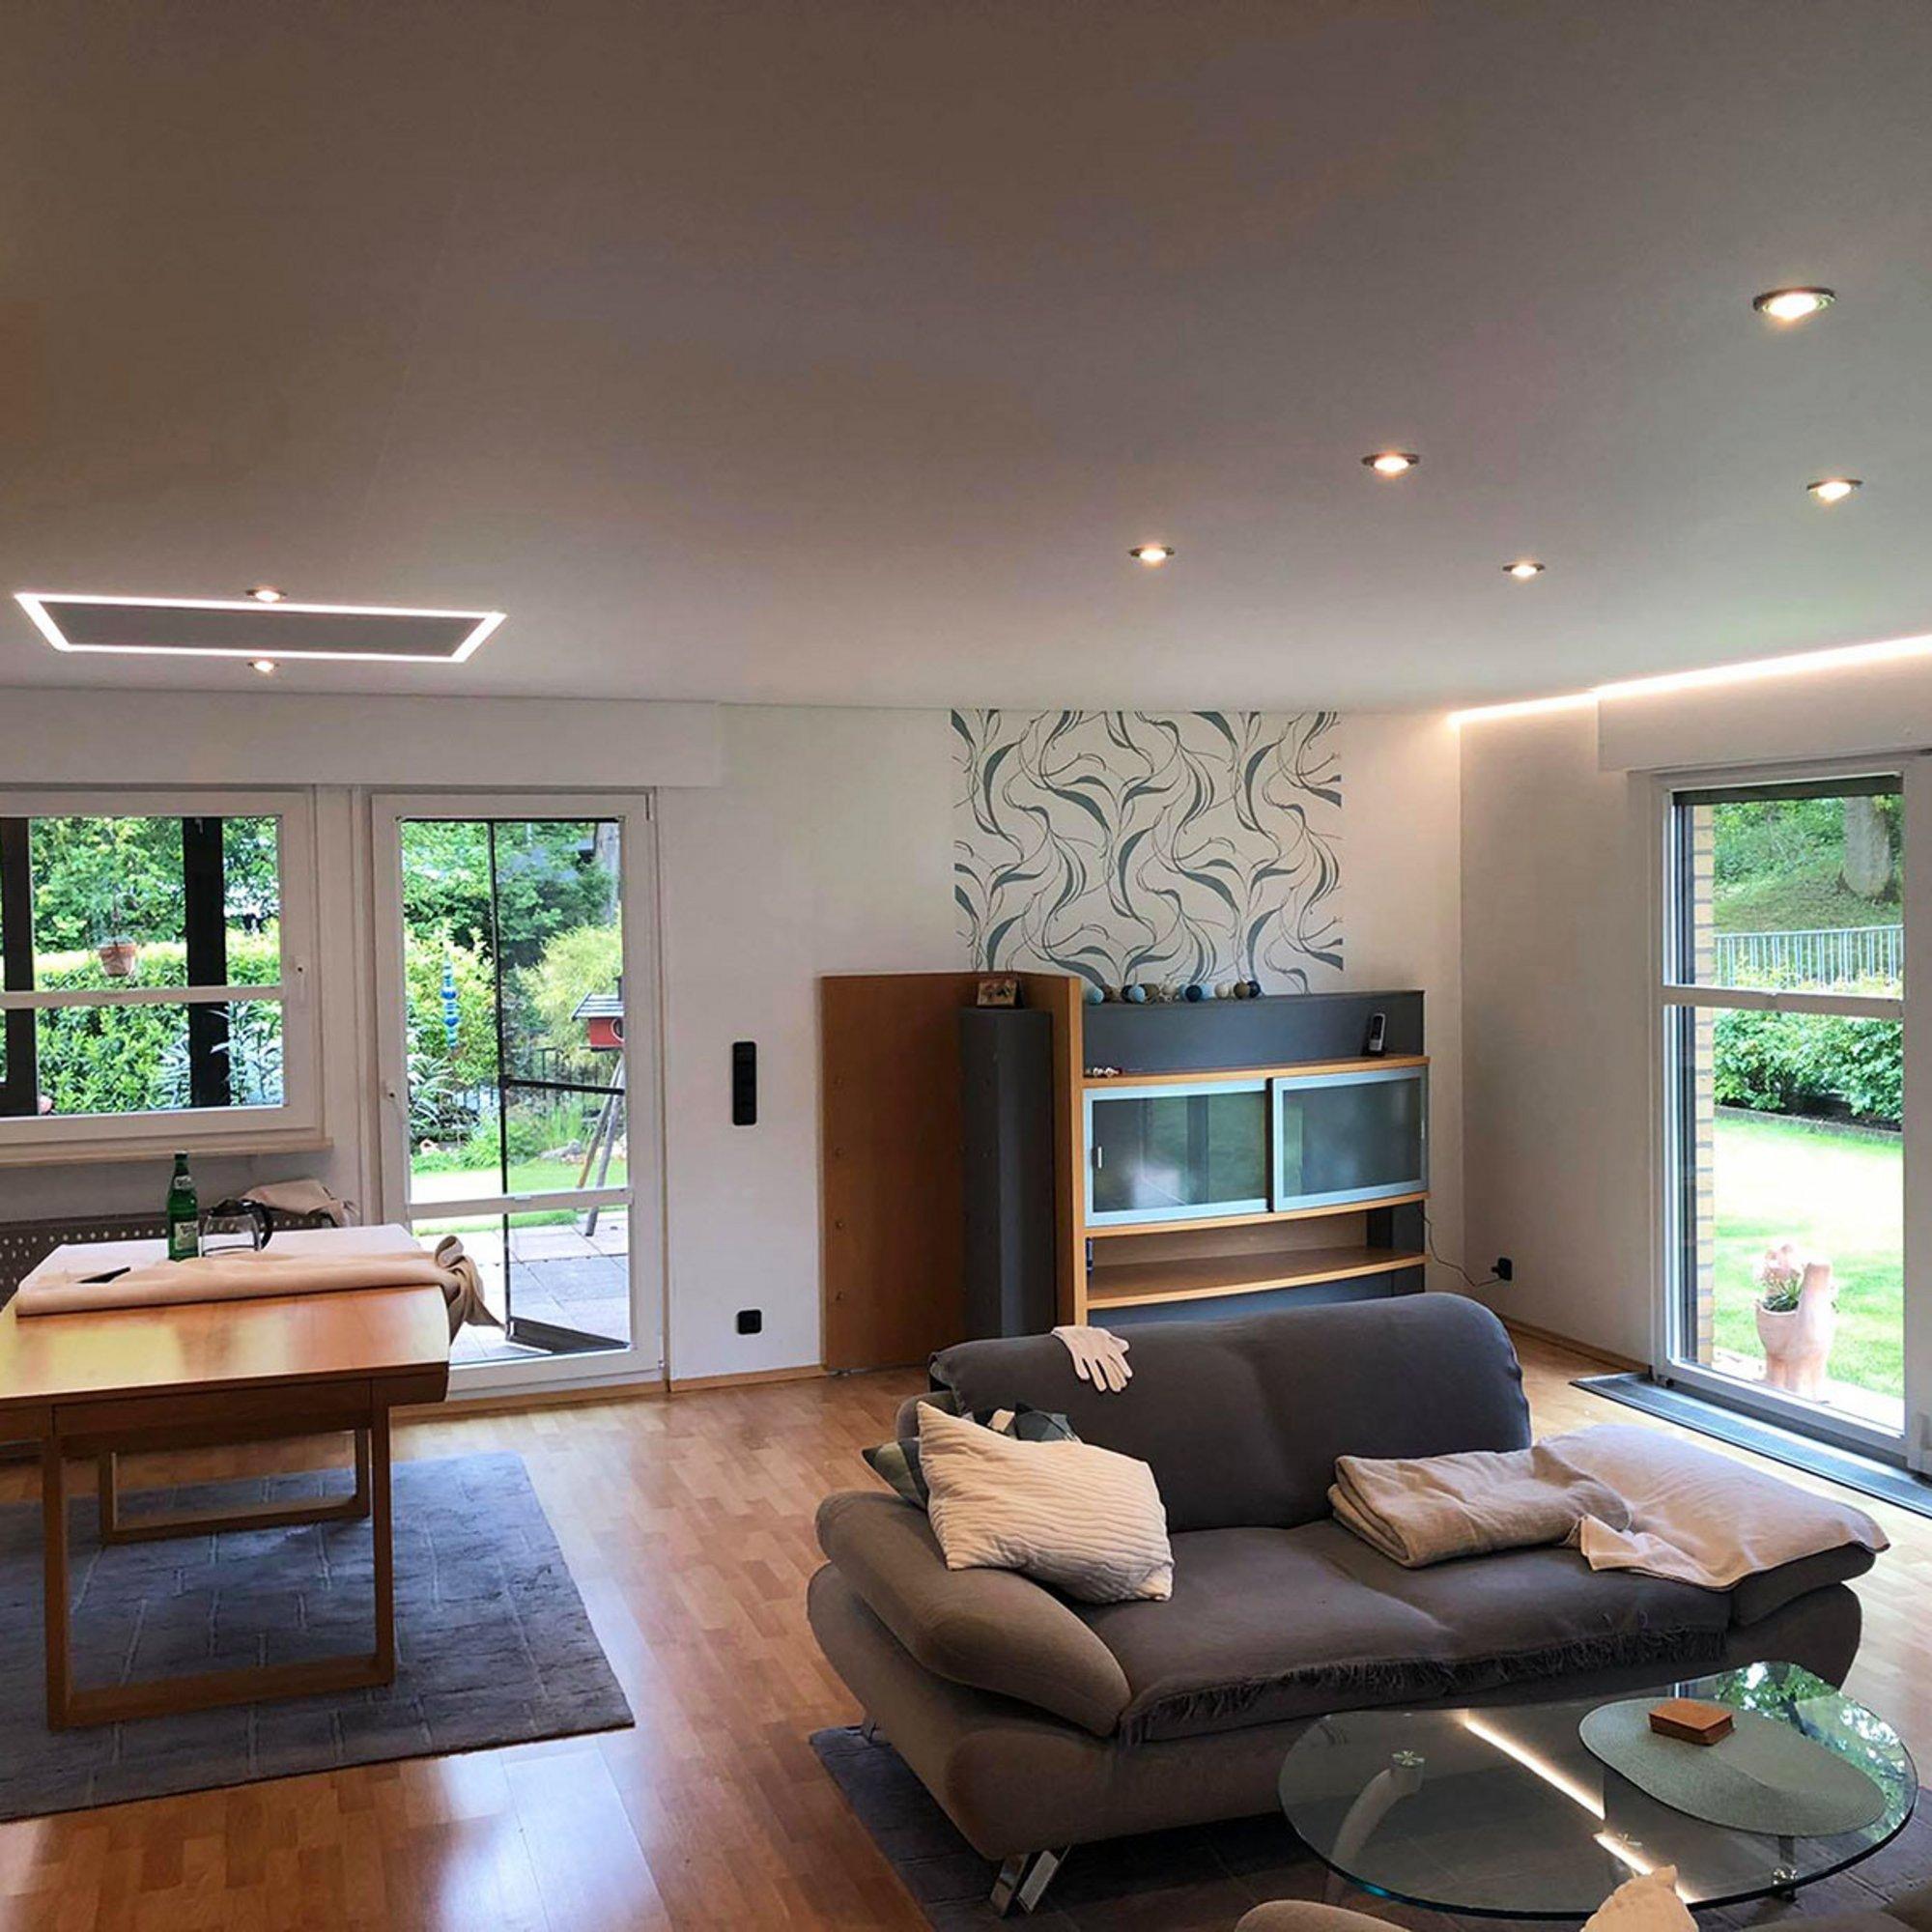 Full Size of Indirekte Beleuchtung Led Decke Selber Bauen Machen Wohnzimmer Wand Ideen Bett Mit Deckenleuchte Küche Moderne Einbauküche Deckenleuchten Tagesdecken Für Wohnzimmer Indirekte Beleuchtung Decke Selber Bauen